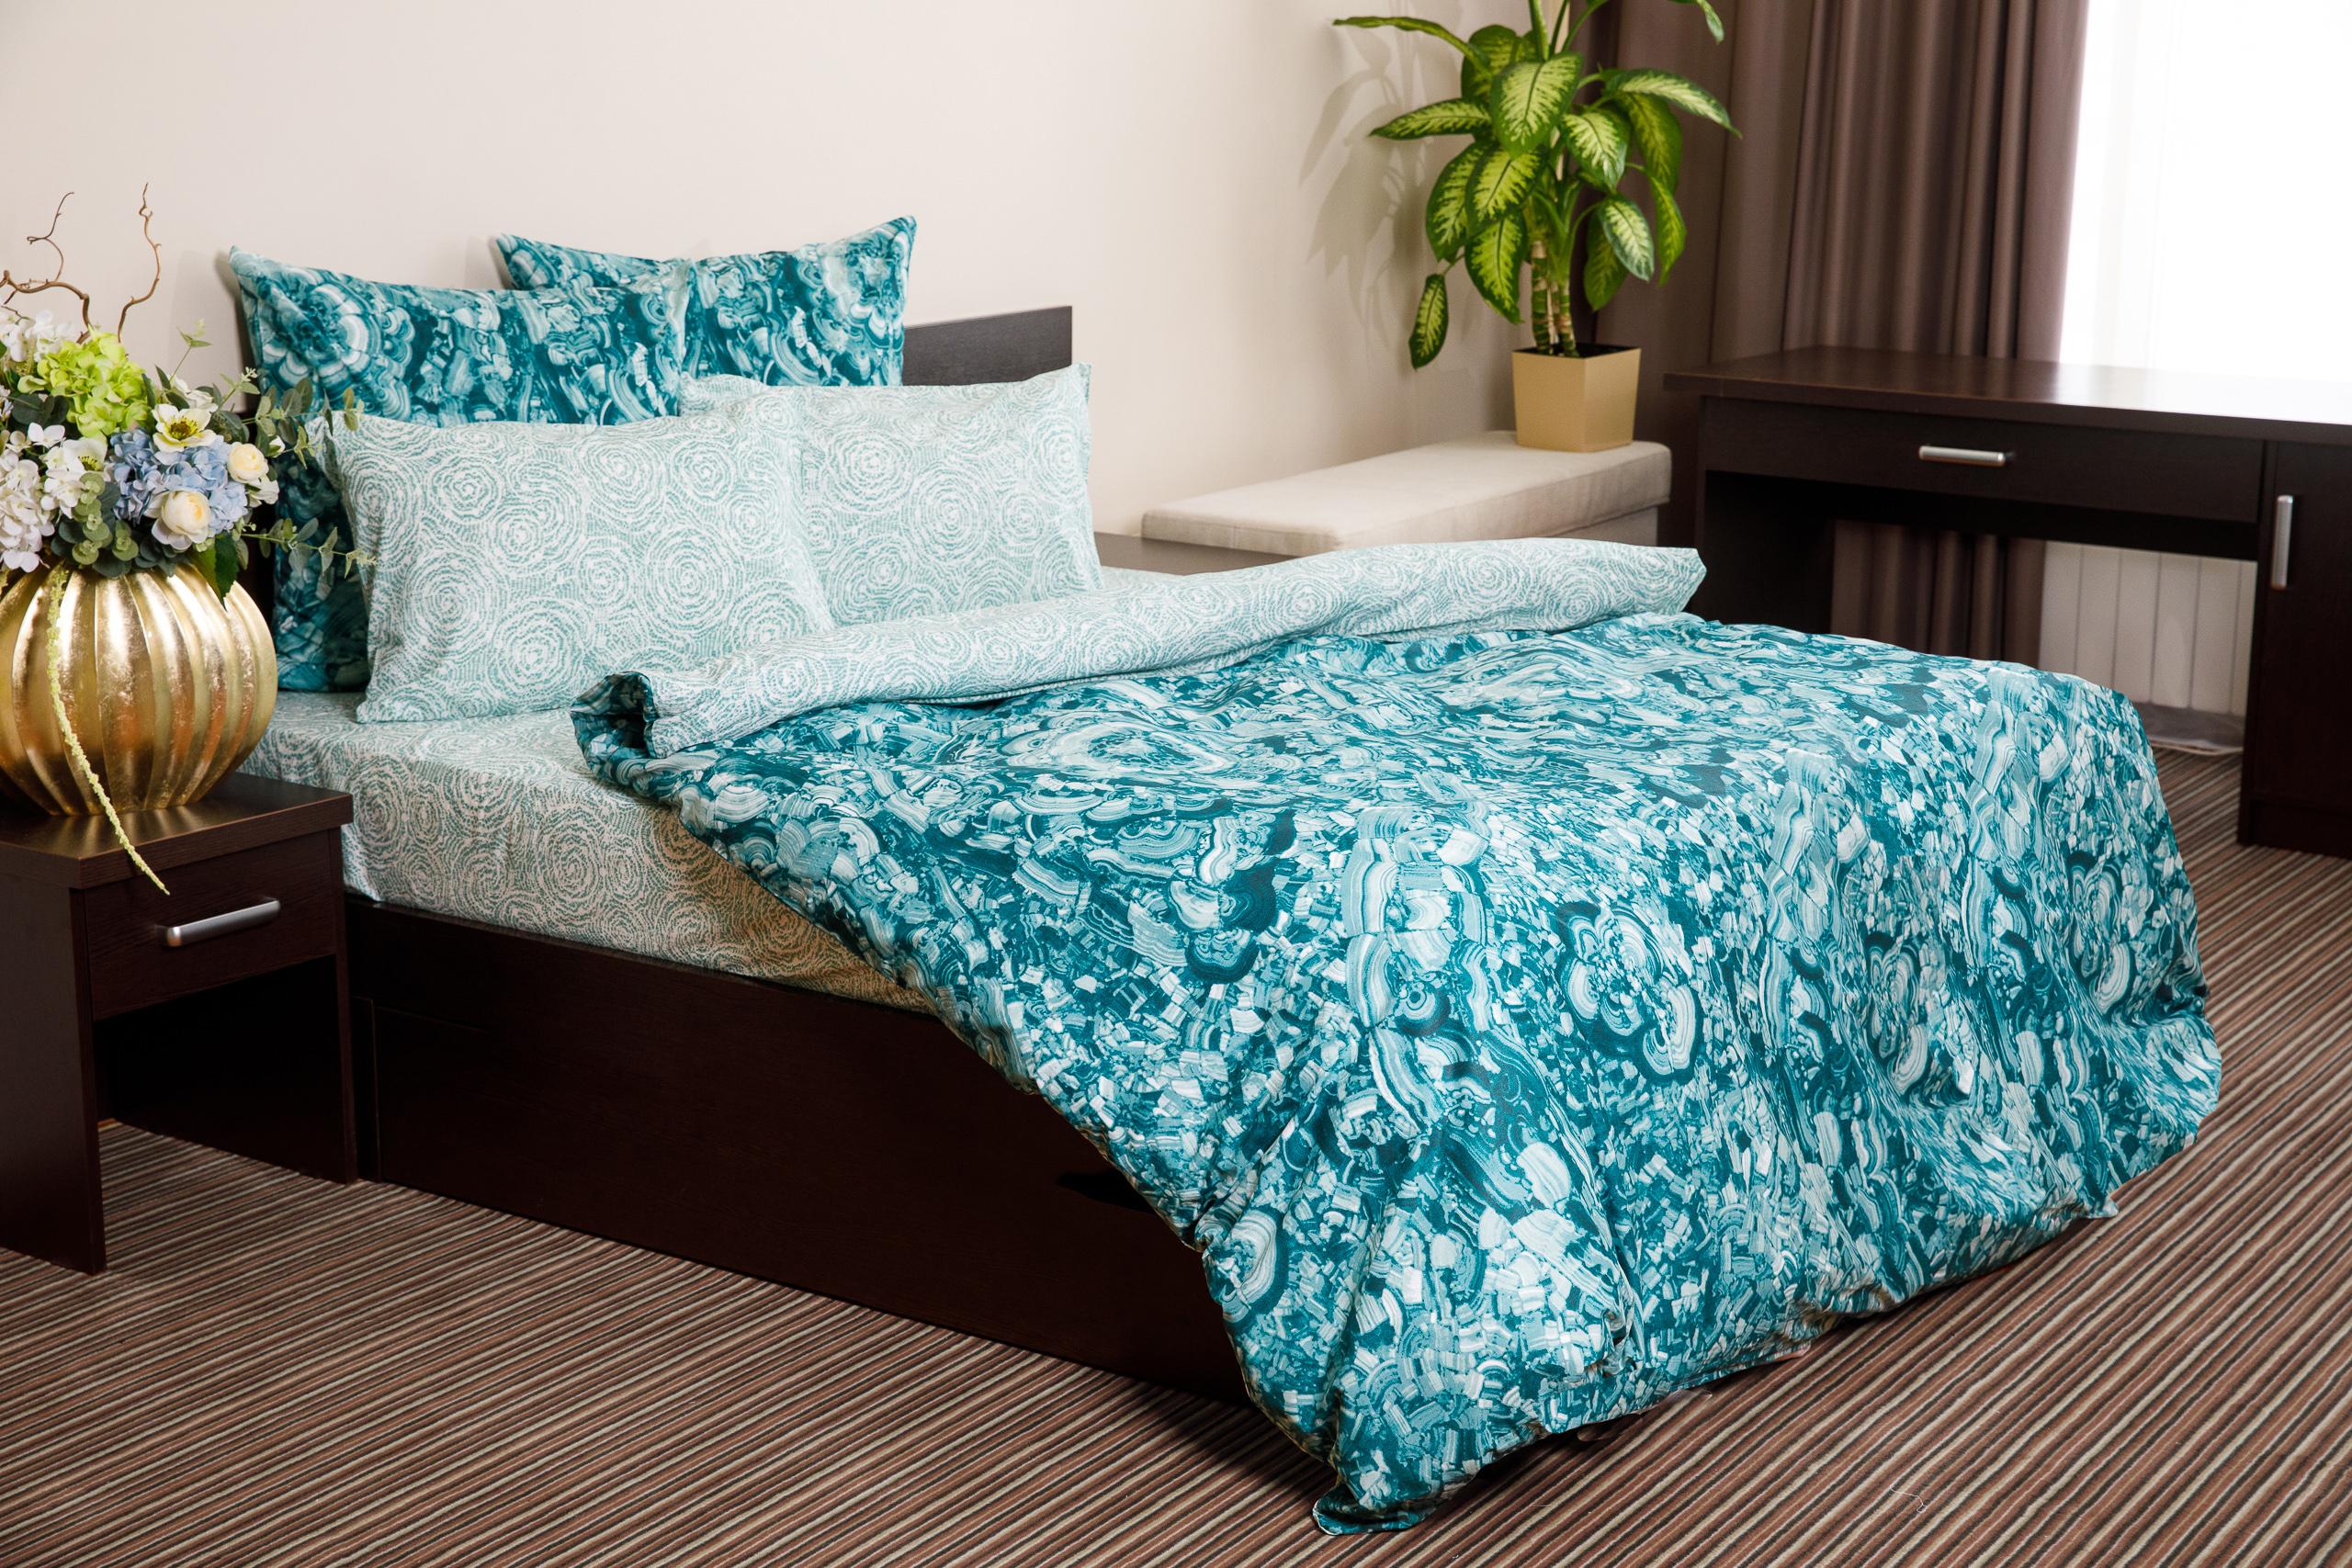 Комплект постельного белья Ночь нежна Ariana (1,5 спальное)